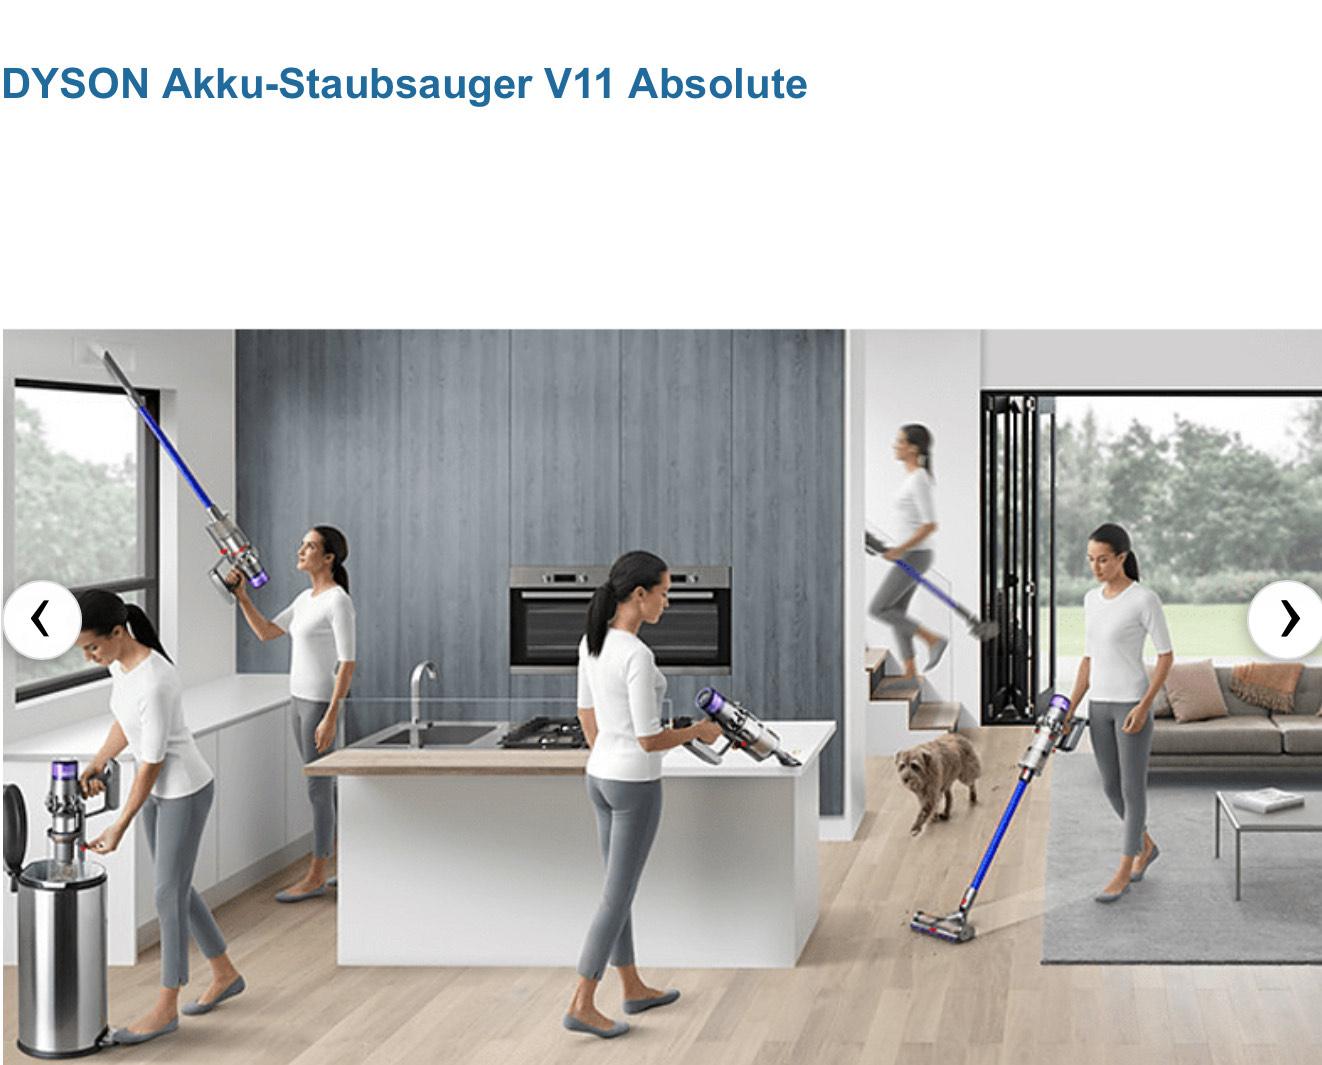 DYSON Akku-Staubsauger V11 Absolute